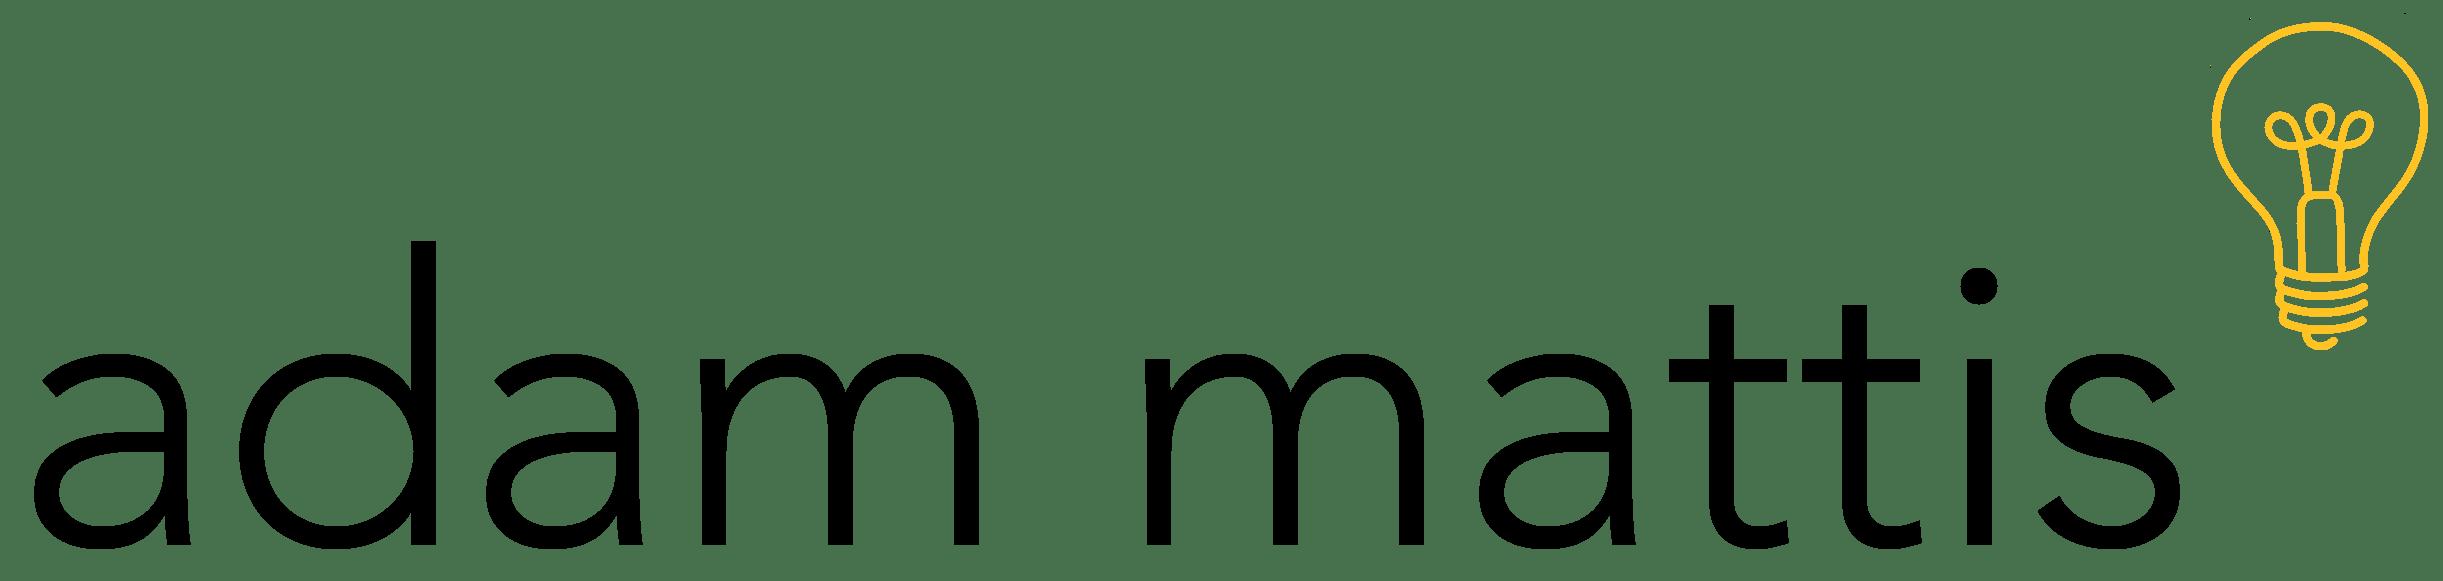 AdamMattis.com